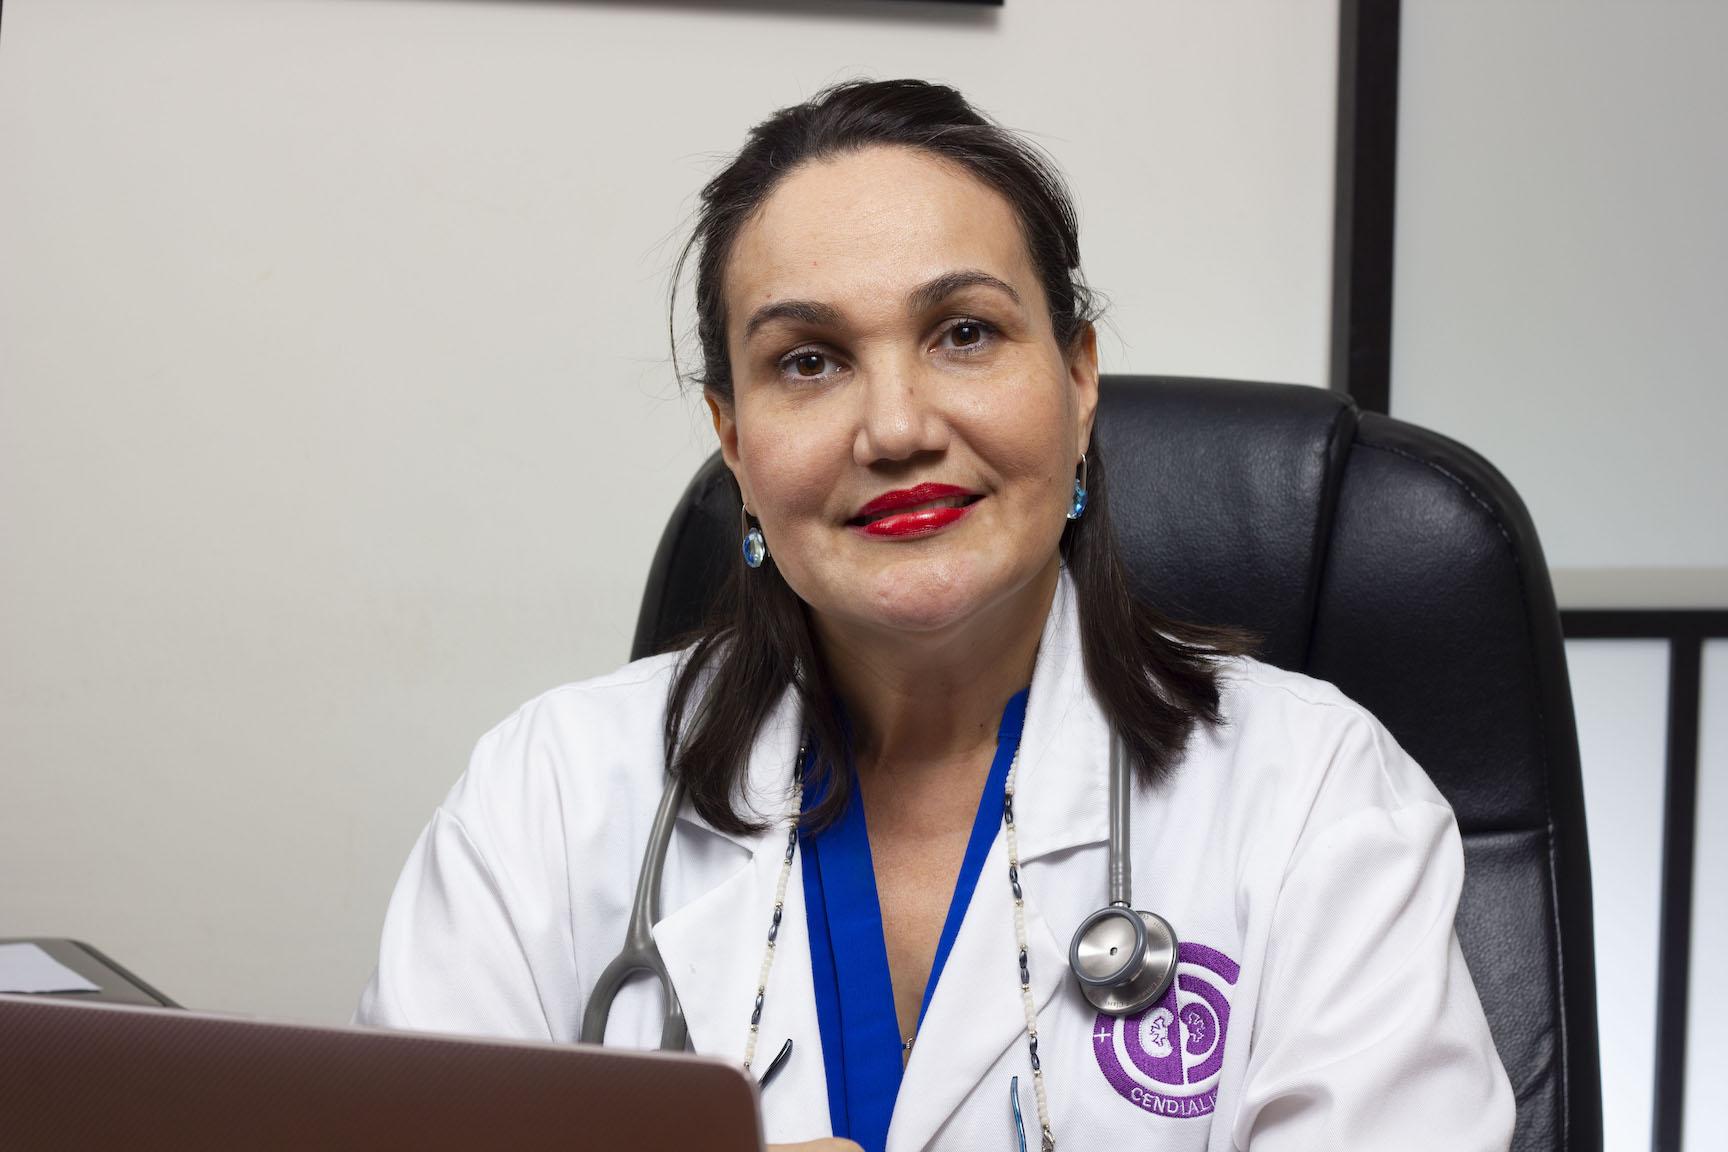 La situación renal en RD sumergida en crisis, demandan Plan Nacional de Salud